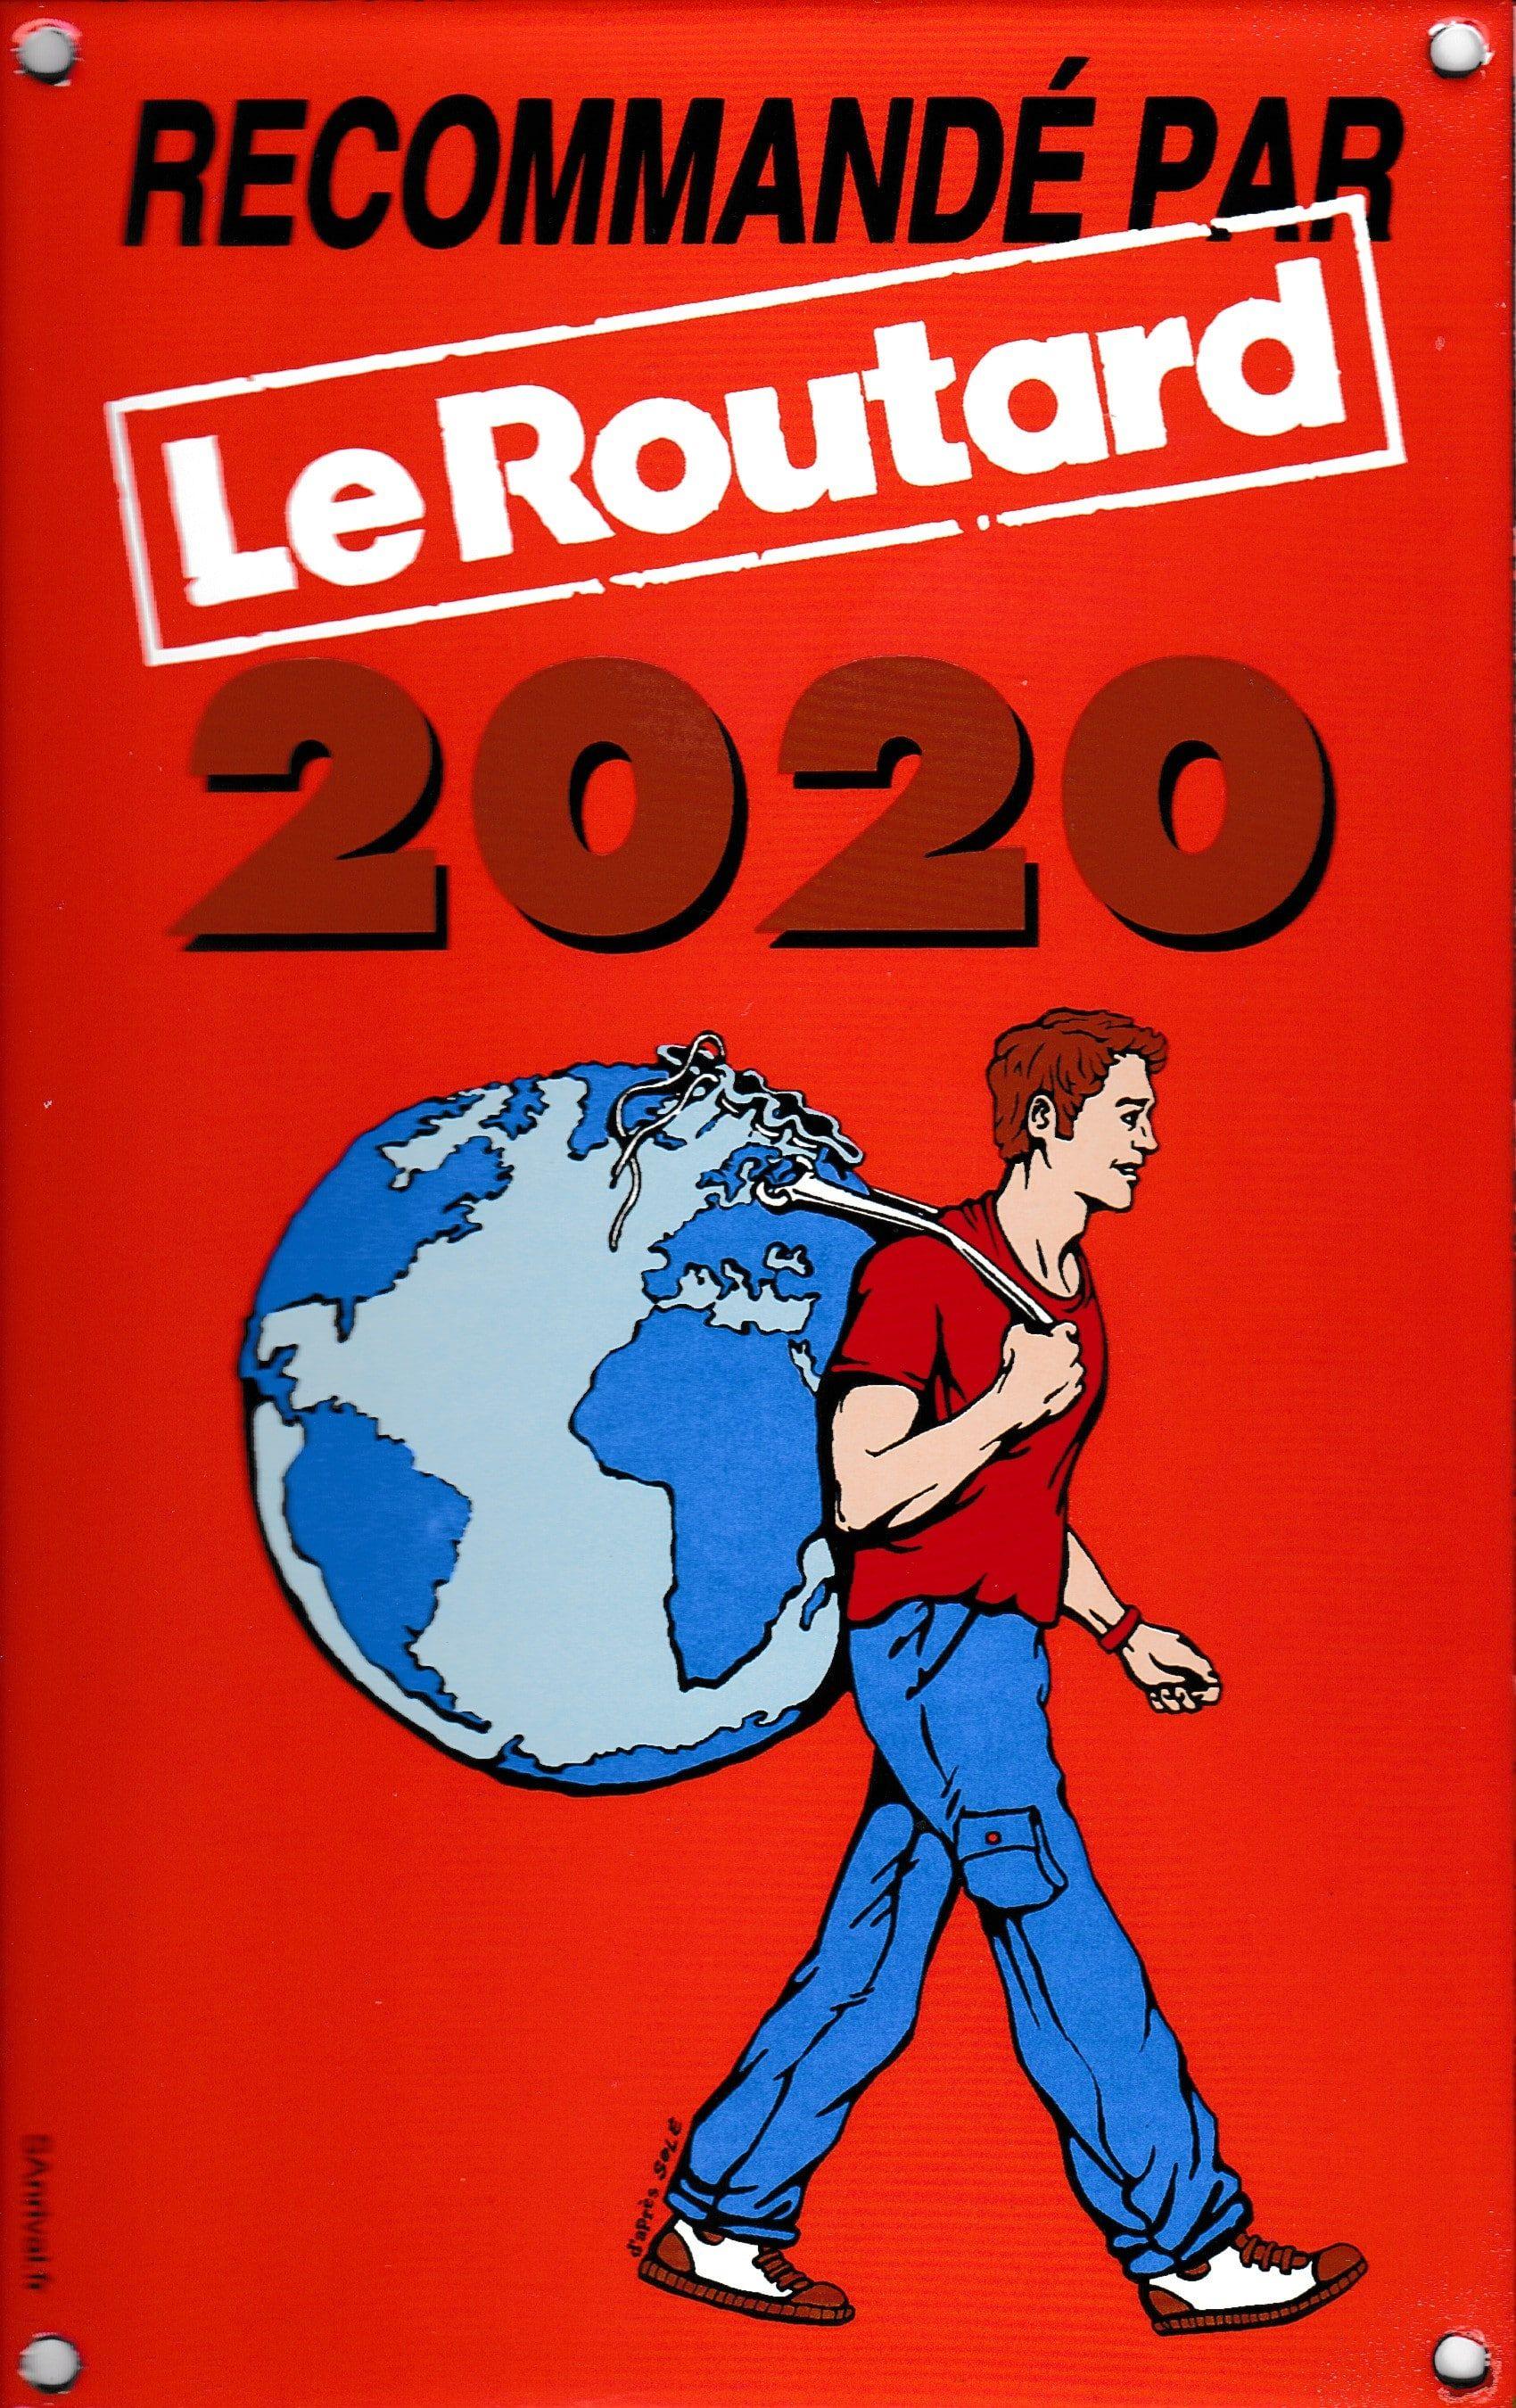 Nos chambres d'hôtes-Gîte Au Vieux Four à Pain sont recommandées par le Guide du Routard 2020 Isère-Alpes du Sud